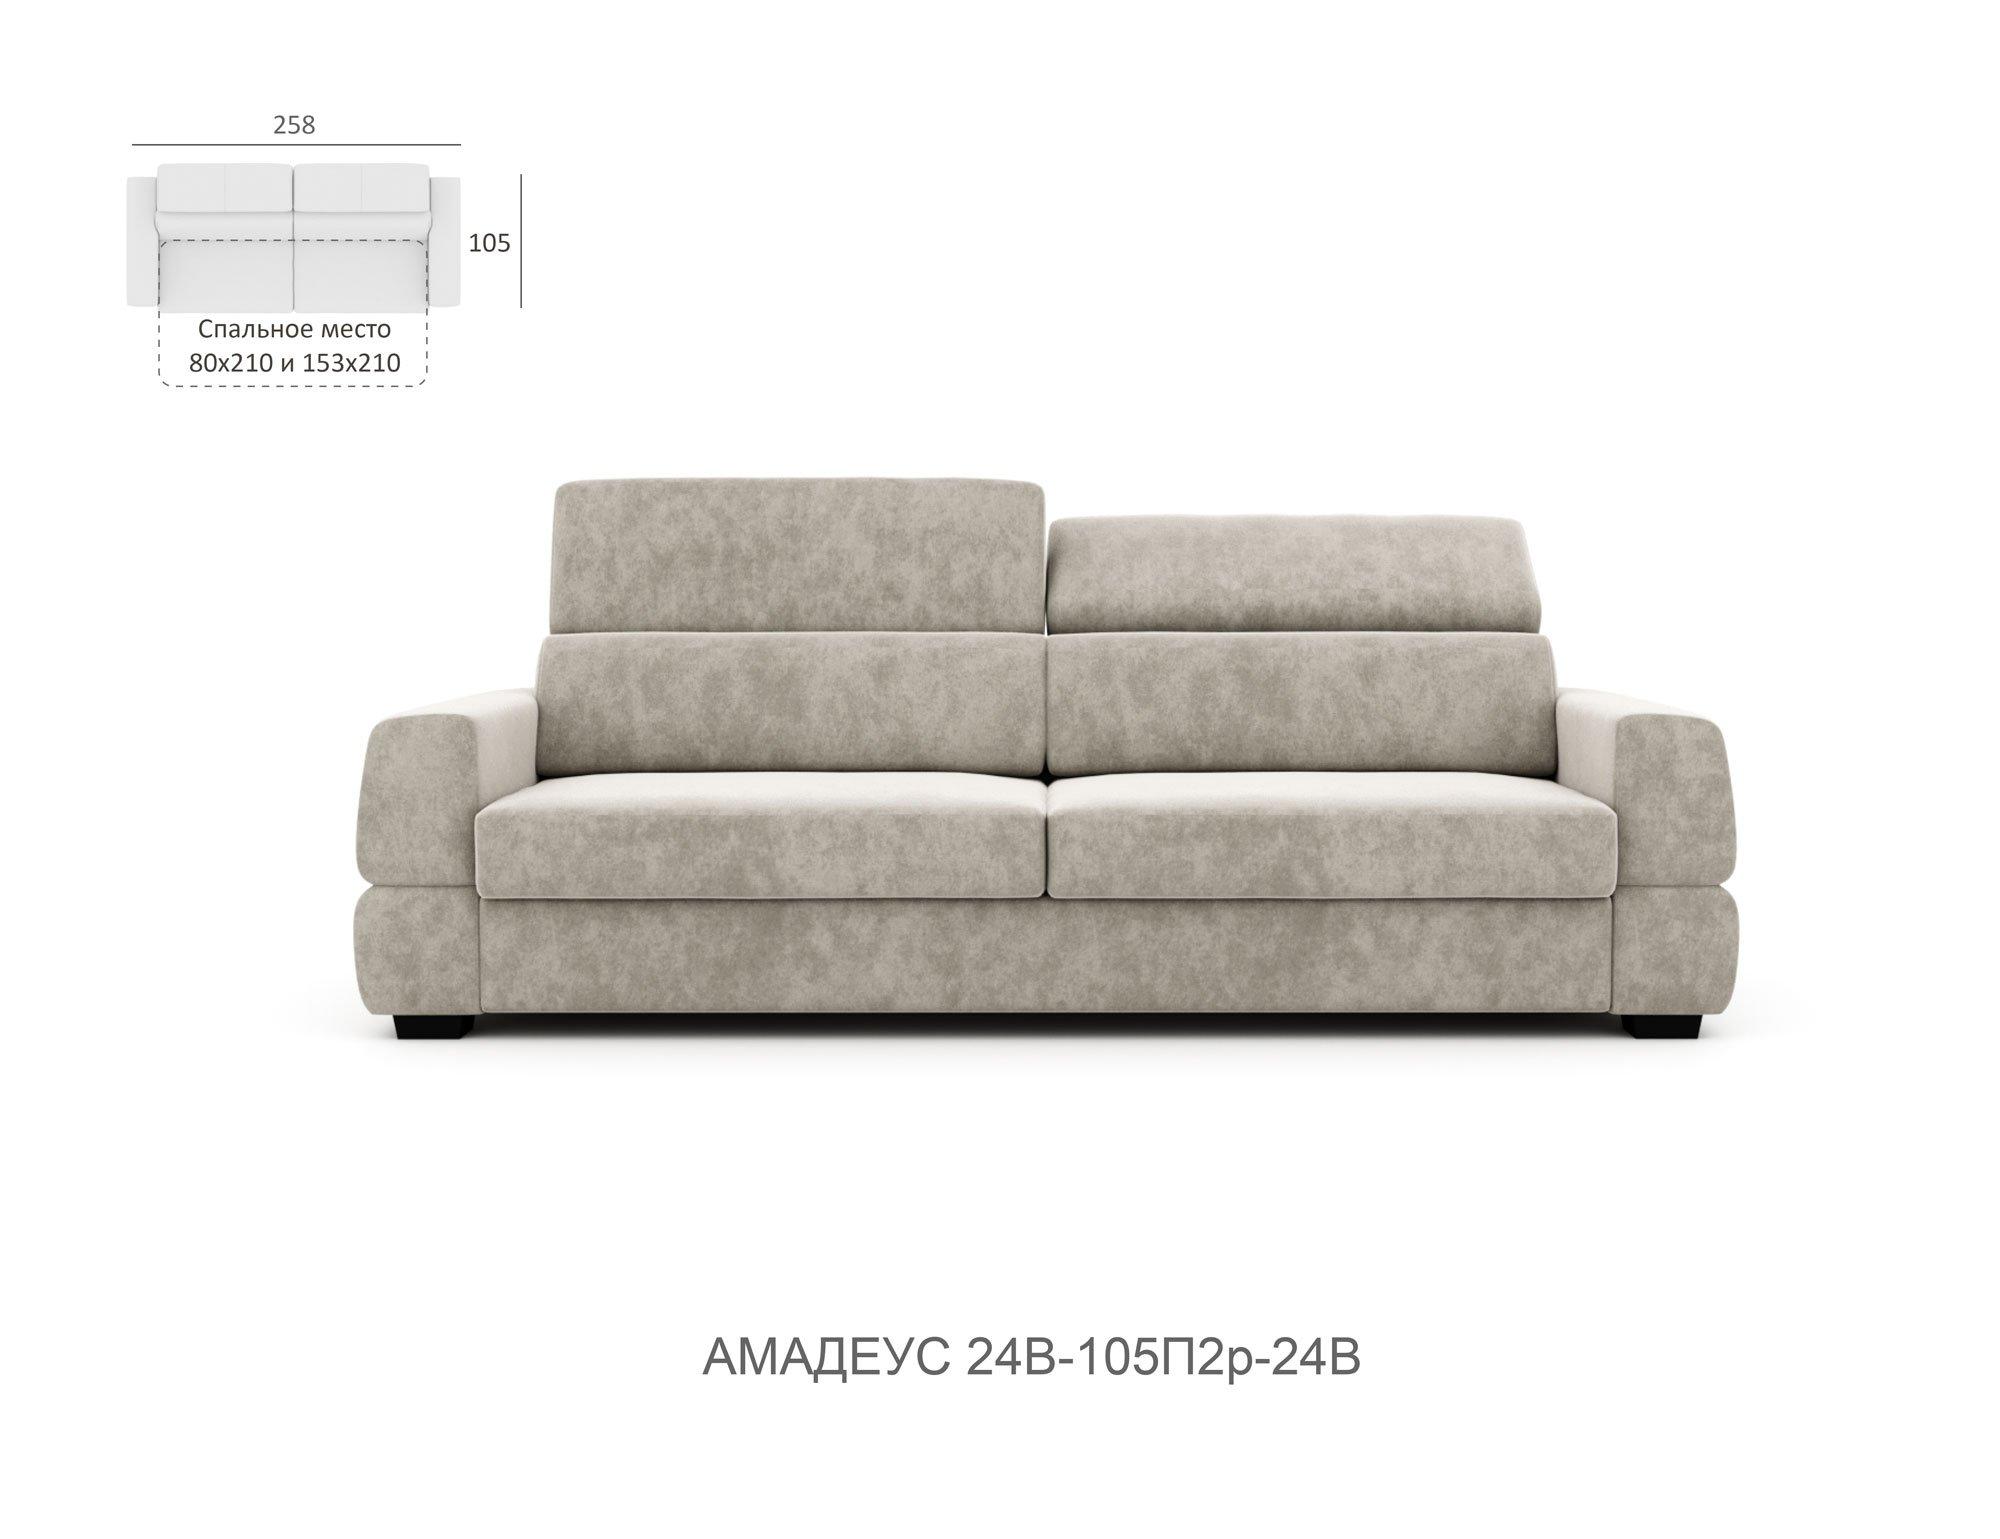 Амадеус 24В-105П2р-24В